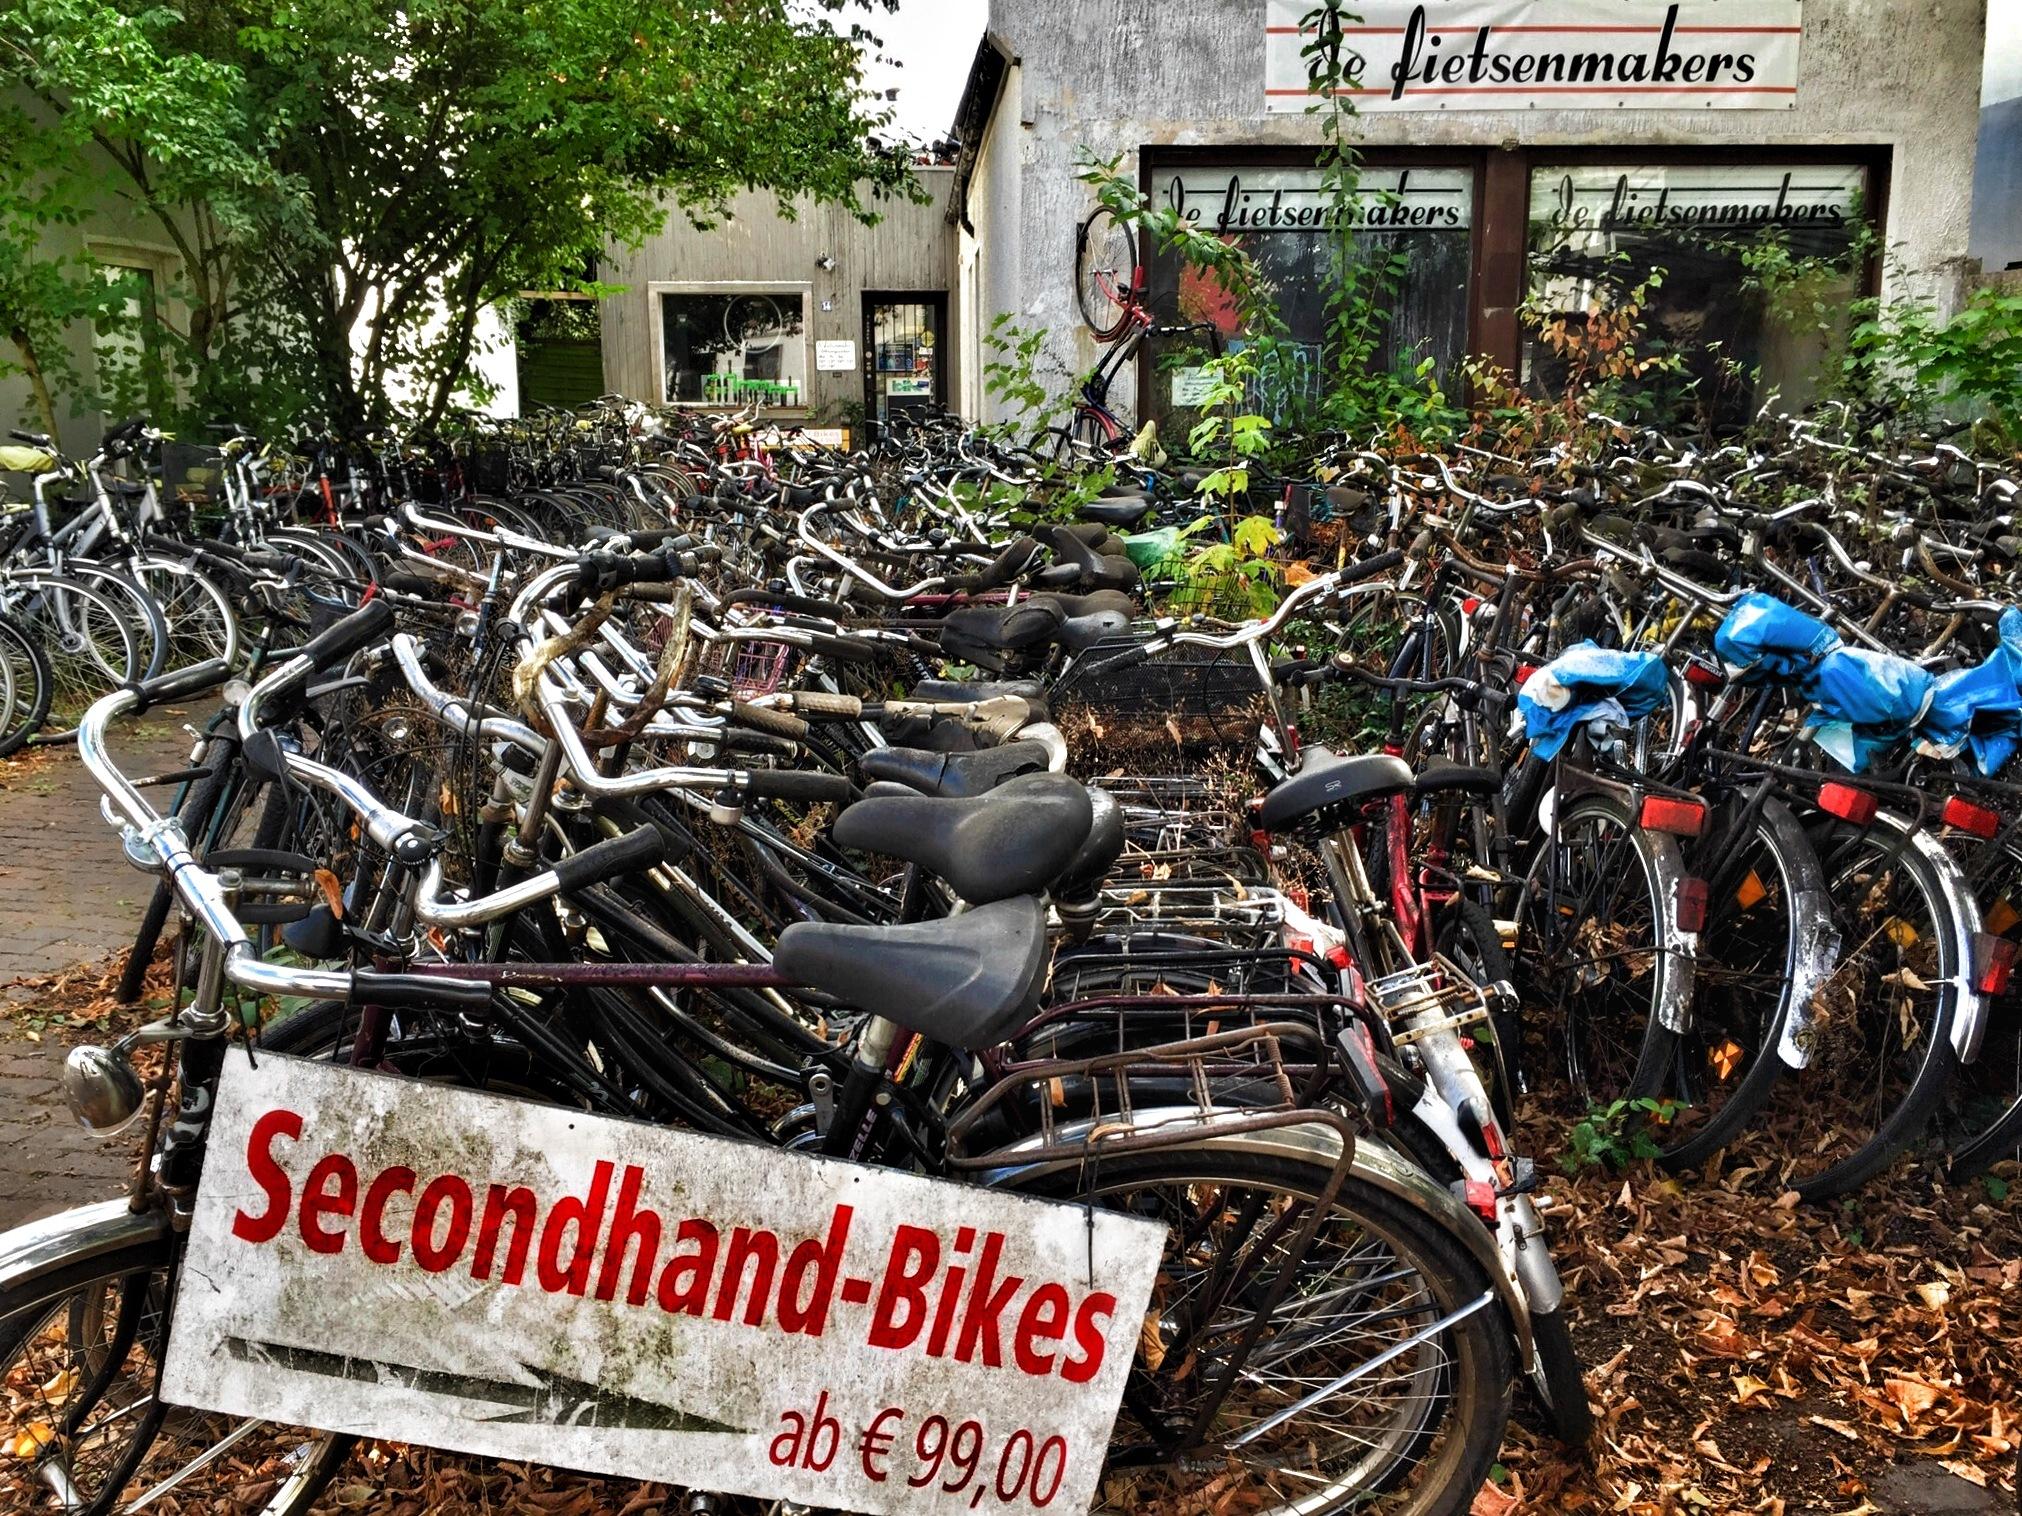 Secondhand-Bikes by Harry Schäfer